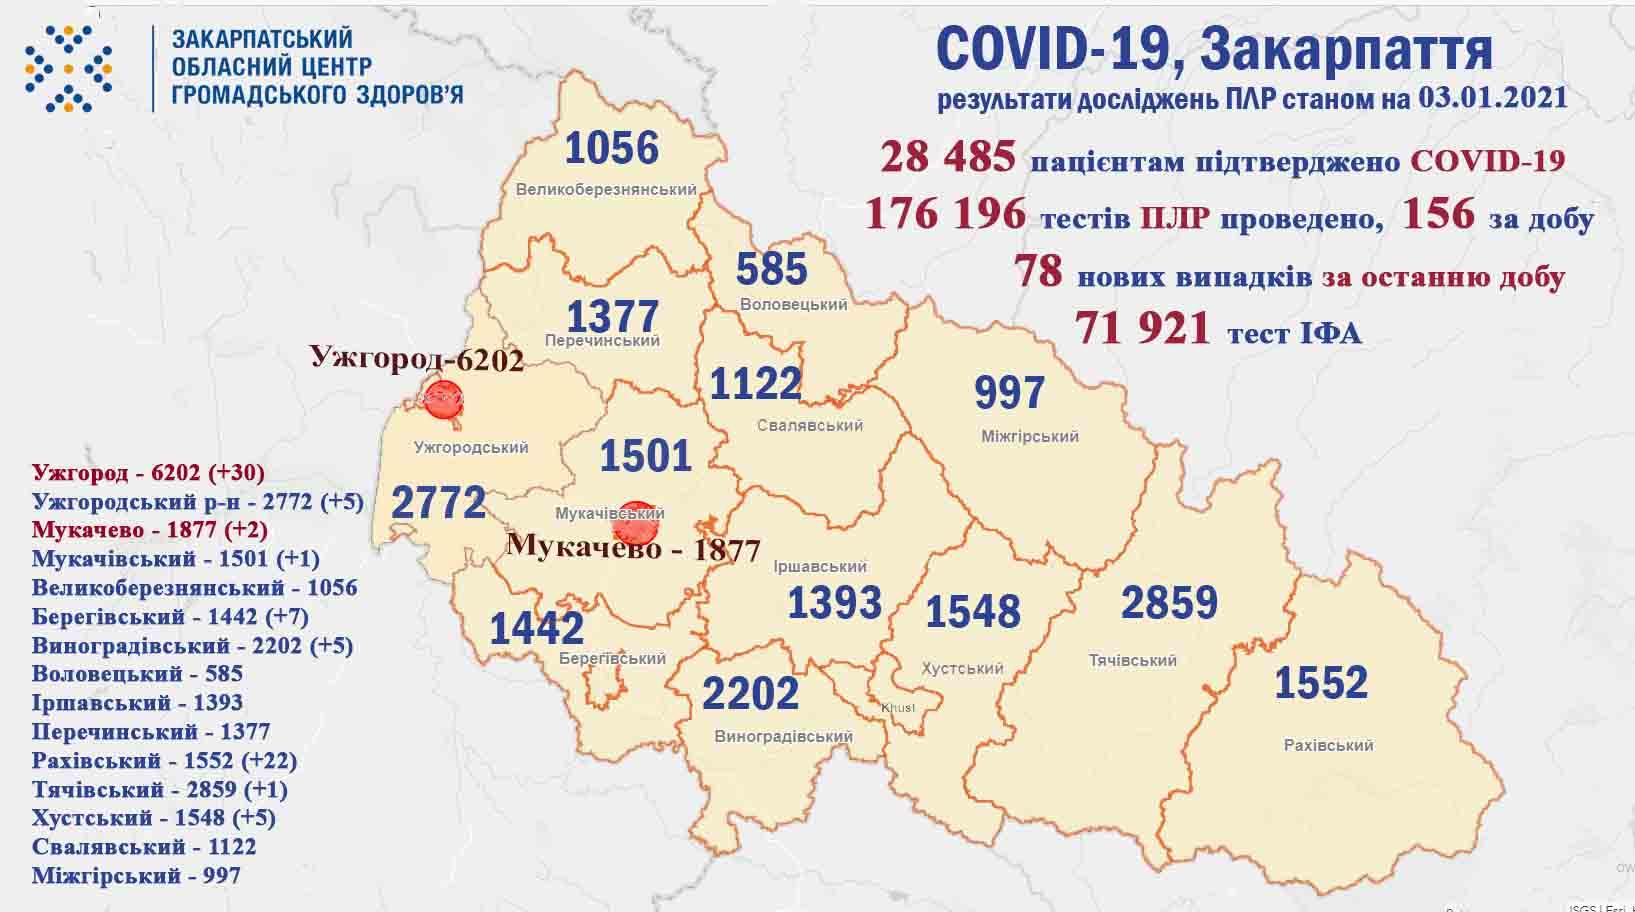 На Закарпатті за минулу добу у 78 пацієнтів підтверджено коронавірус